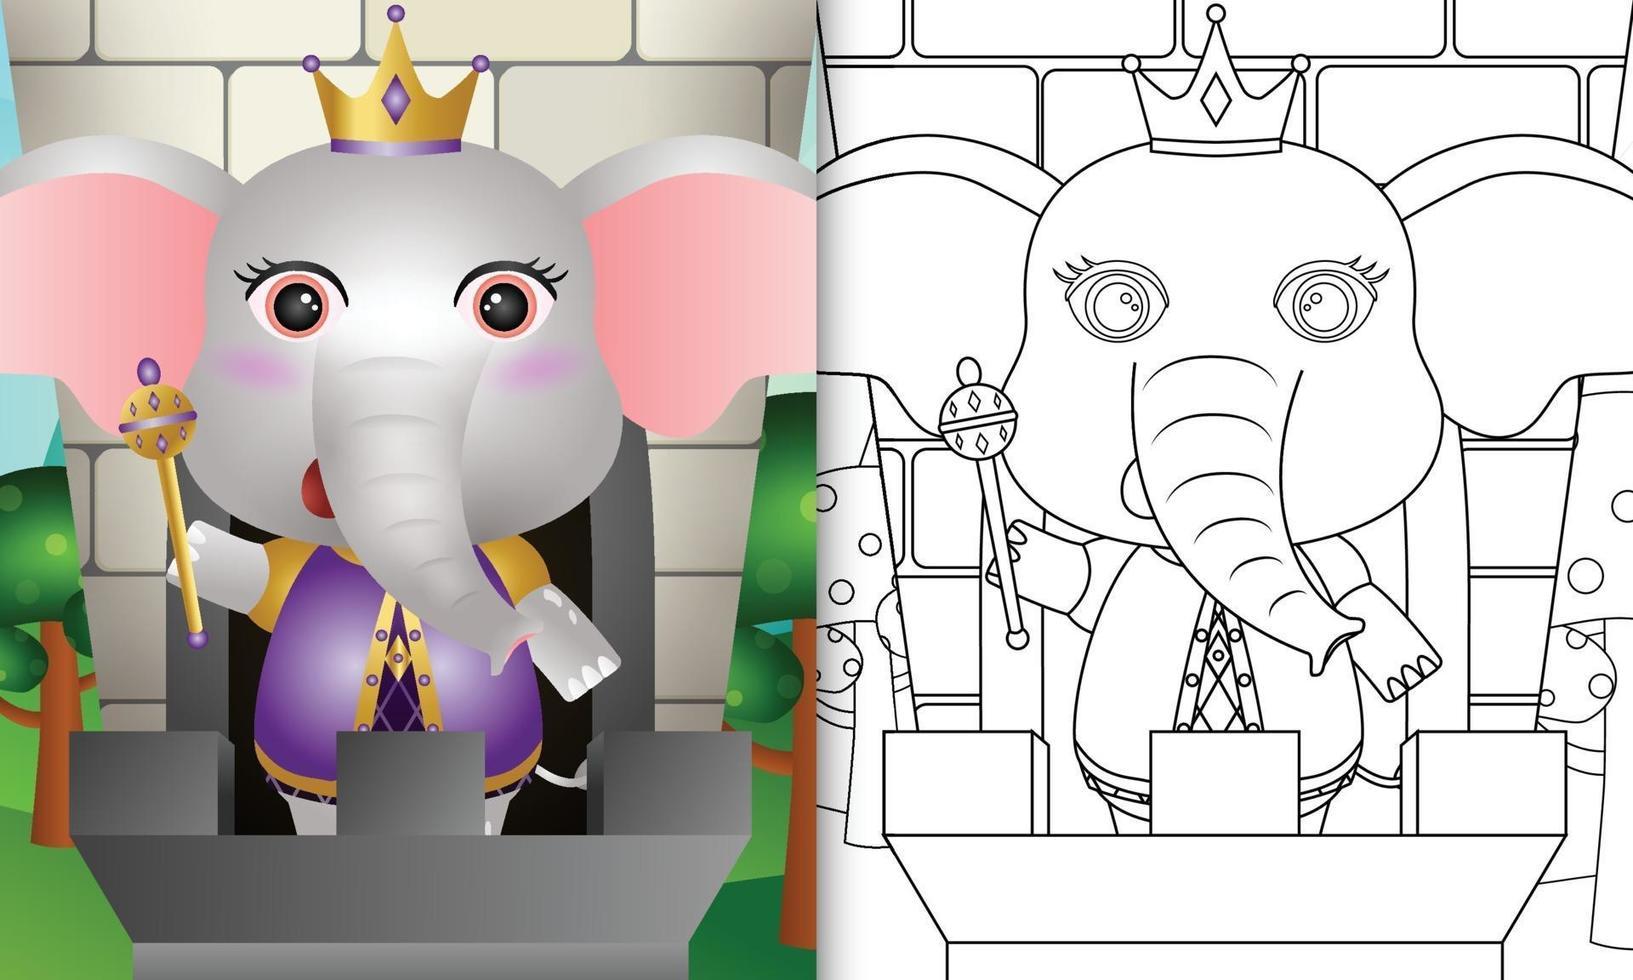 modèle de livre de coloriage pour les enfants avec une illustration de personnage d'éléphant roi mignon vecteur